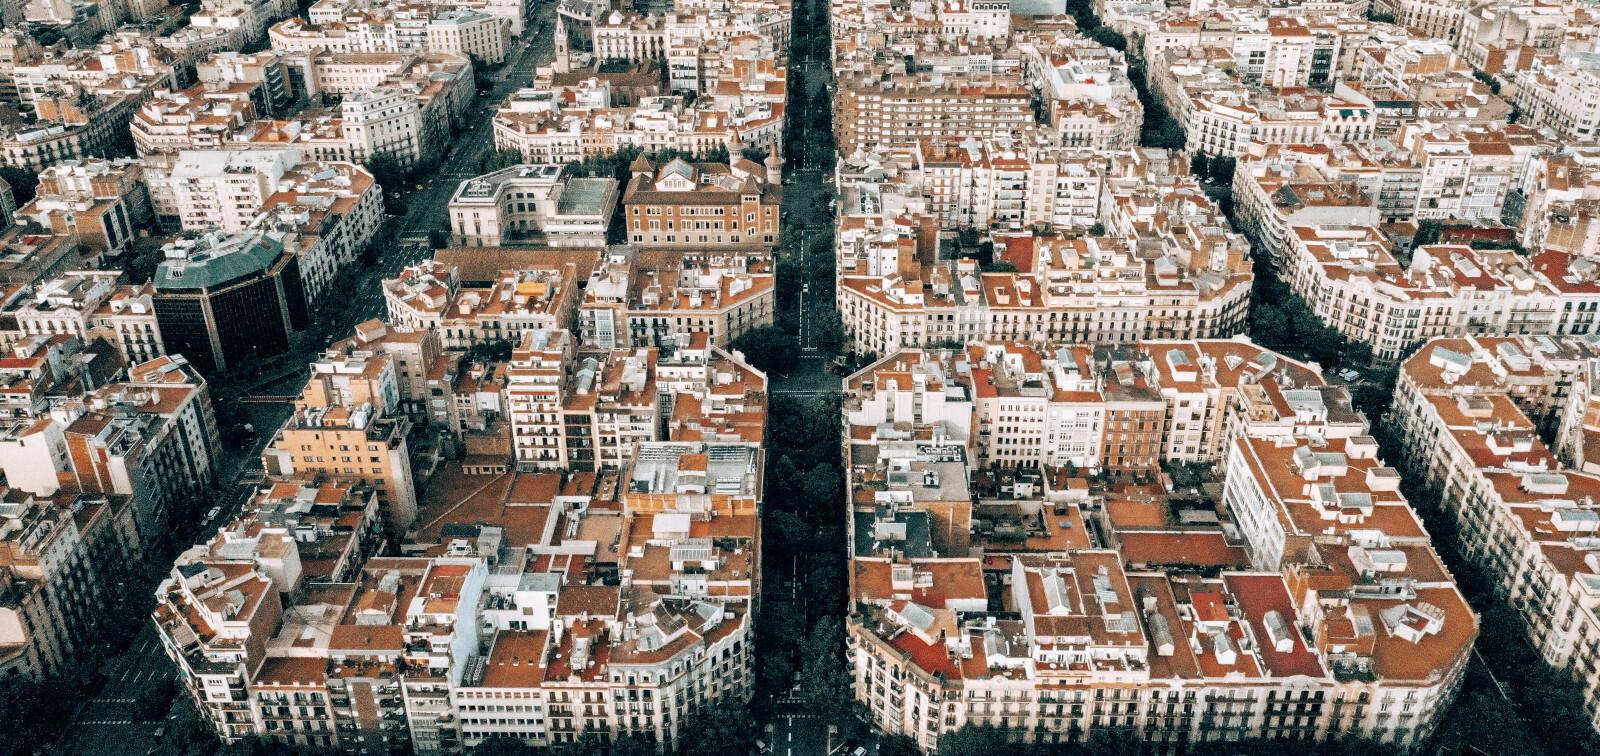 Manzanas del Eixample en Barcelona, concebidas por Ildefonso Cerdá en el siglo XIX.